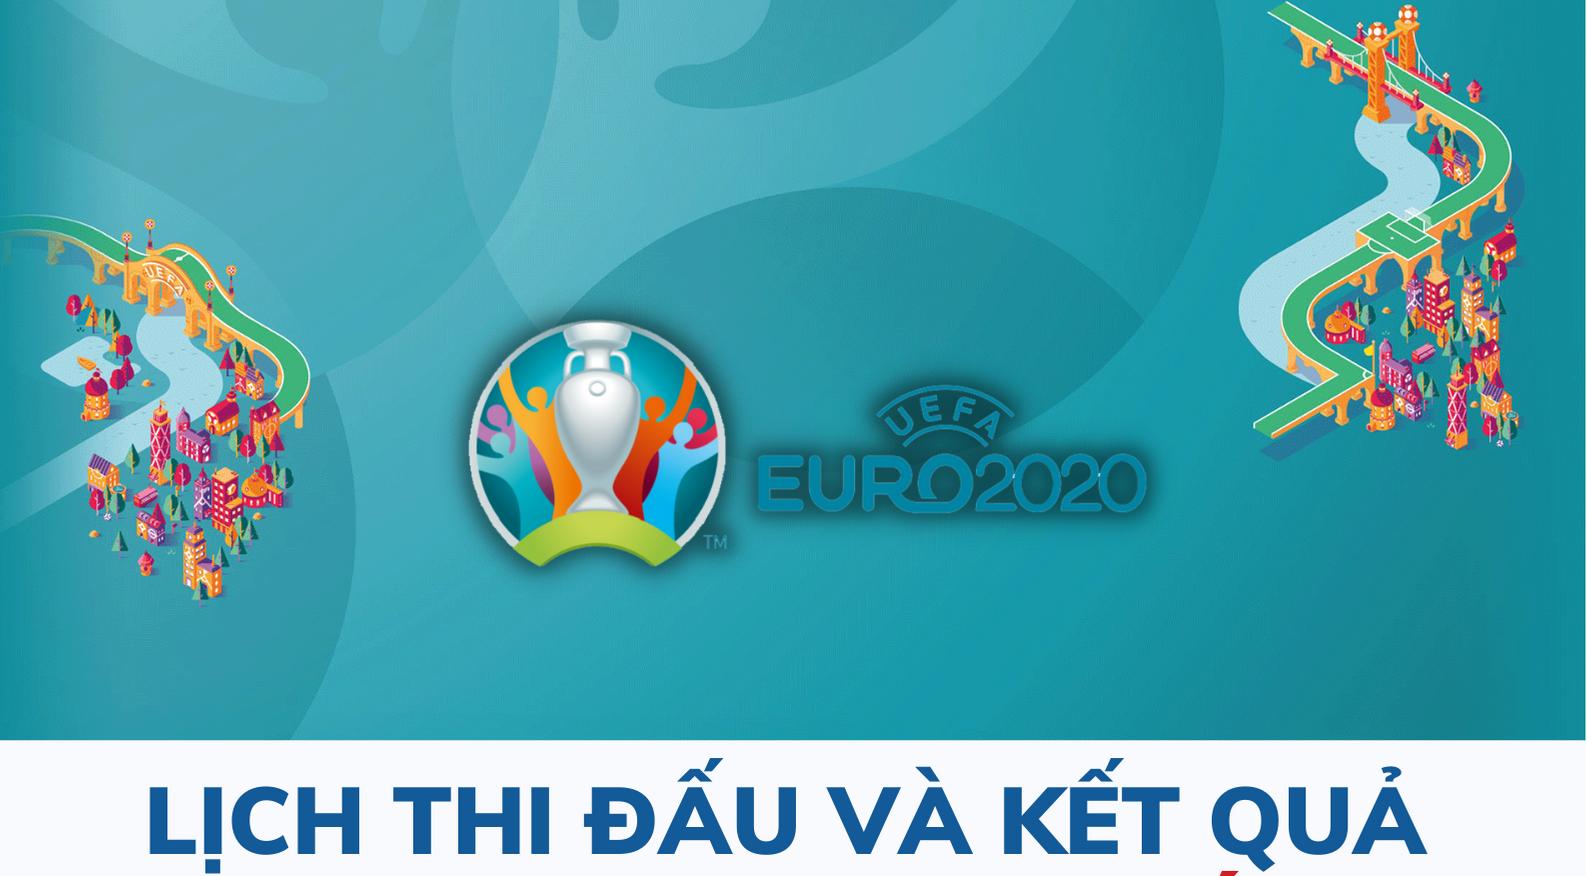 Kết quả Euro 2020 ngày 16/6:  Siêu sao Cristiano Ronaldo lập cú đúp giúp Bồ Đào Nha chiến thắng 3-0 trước Hungary